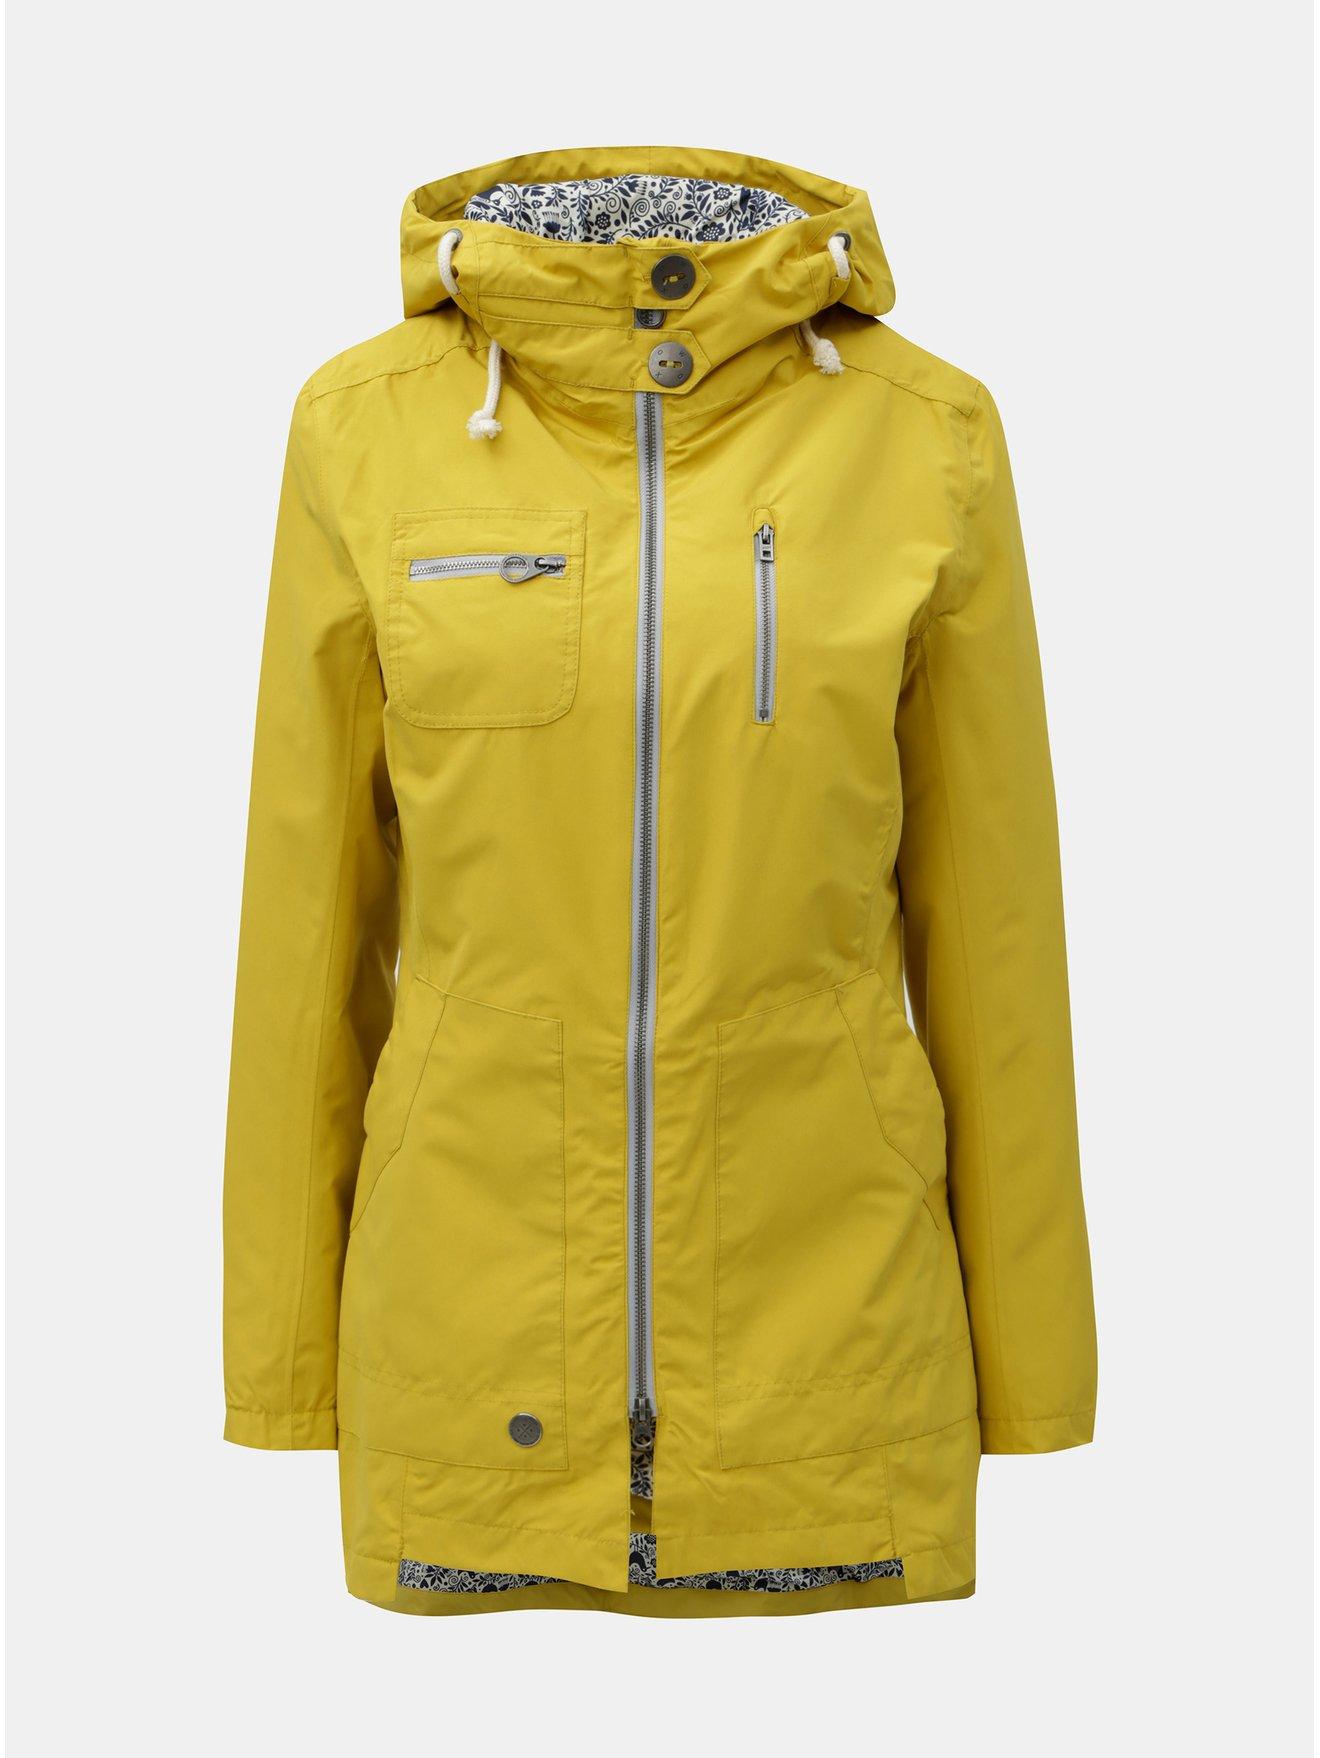 Žlutá dámská voděodolná bunda WOOX Ventus Urban